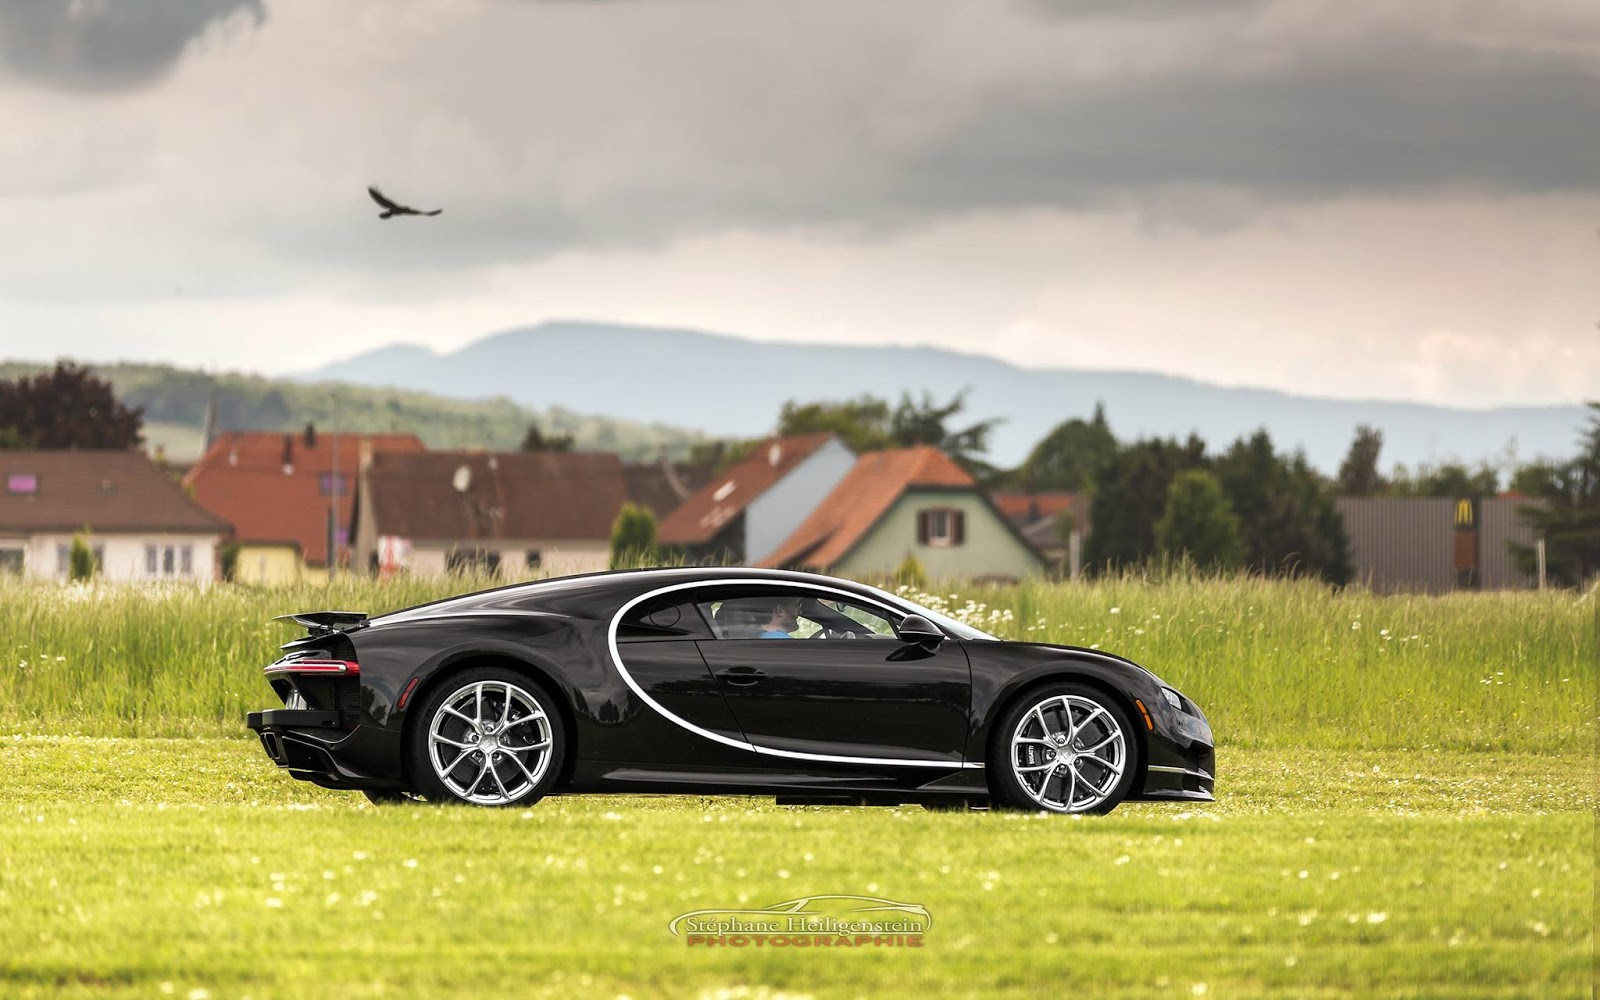 Một chiếc Bugatti Chiron đang chạy thử xung quanh nhà máy